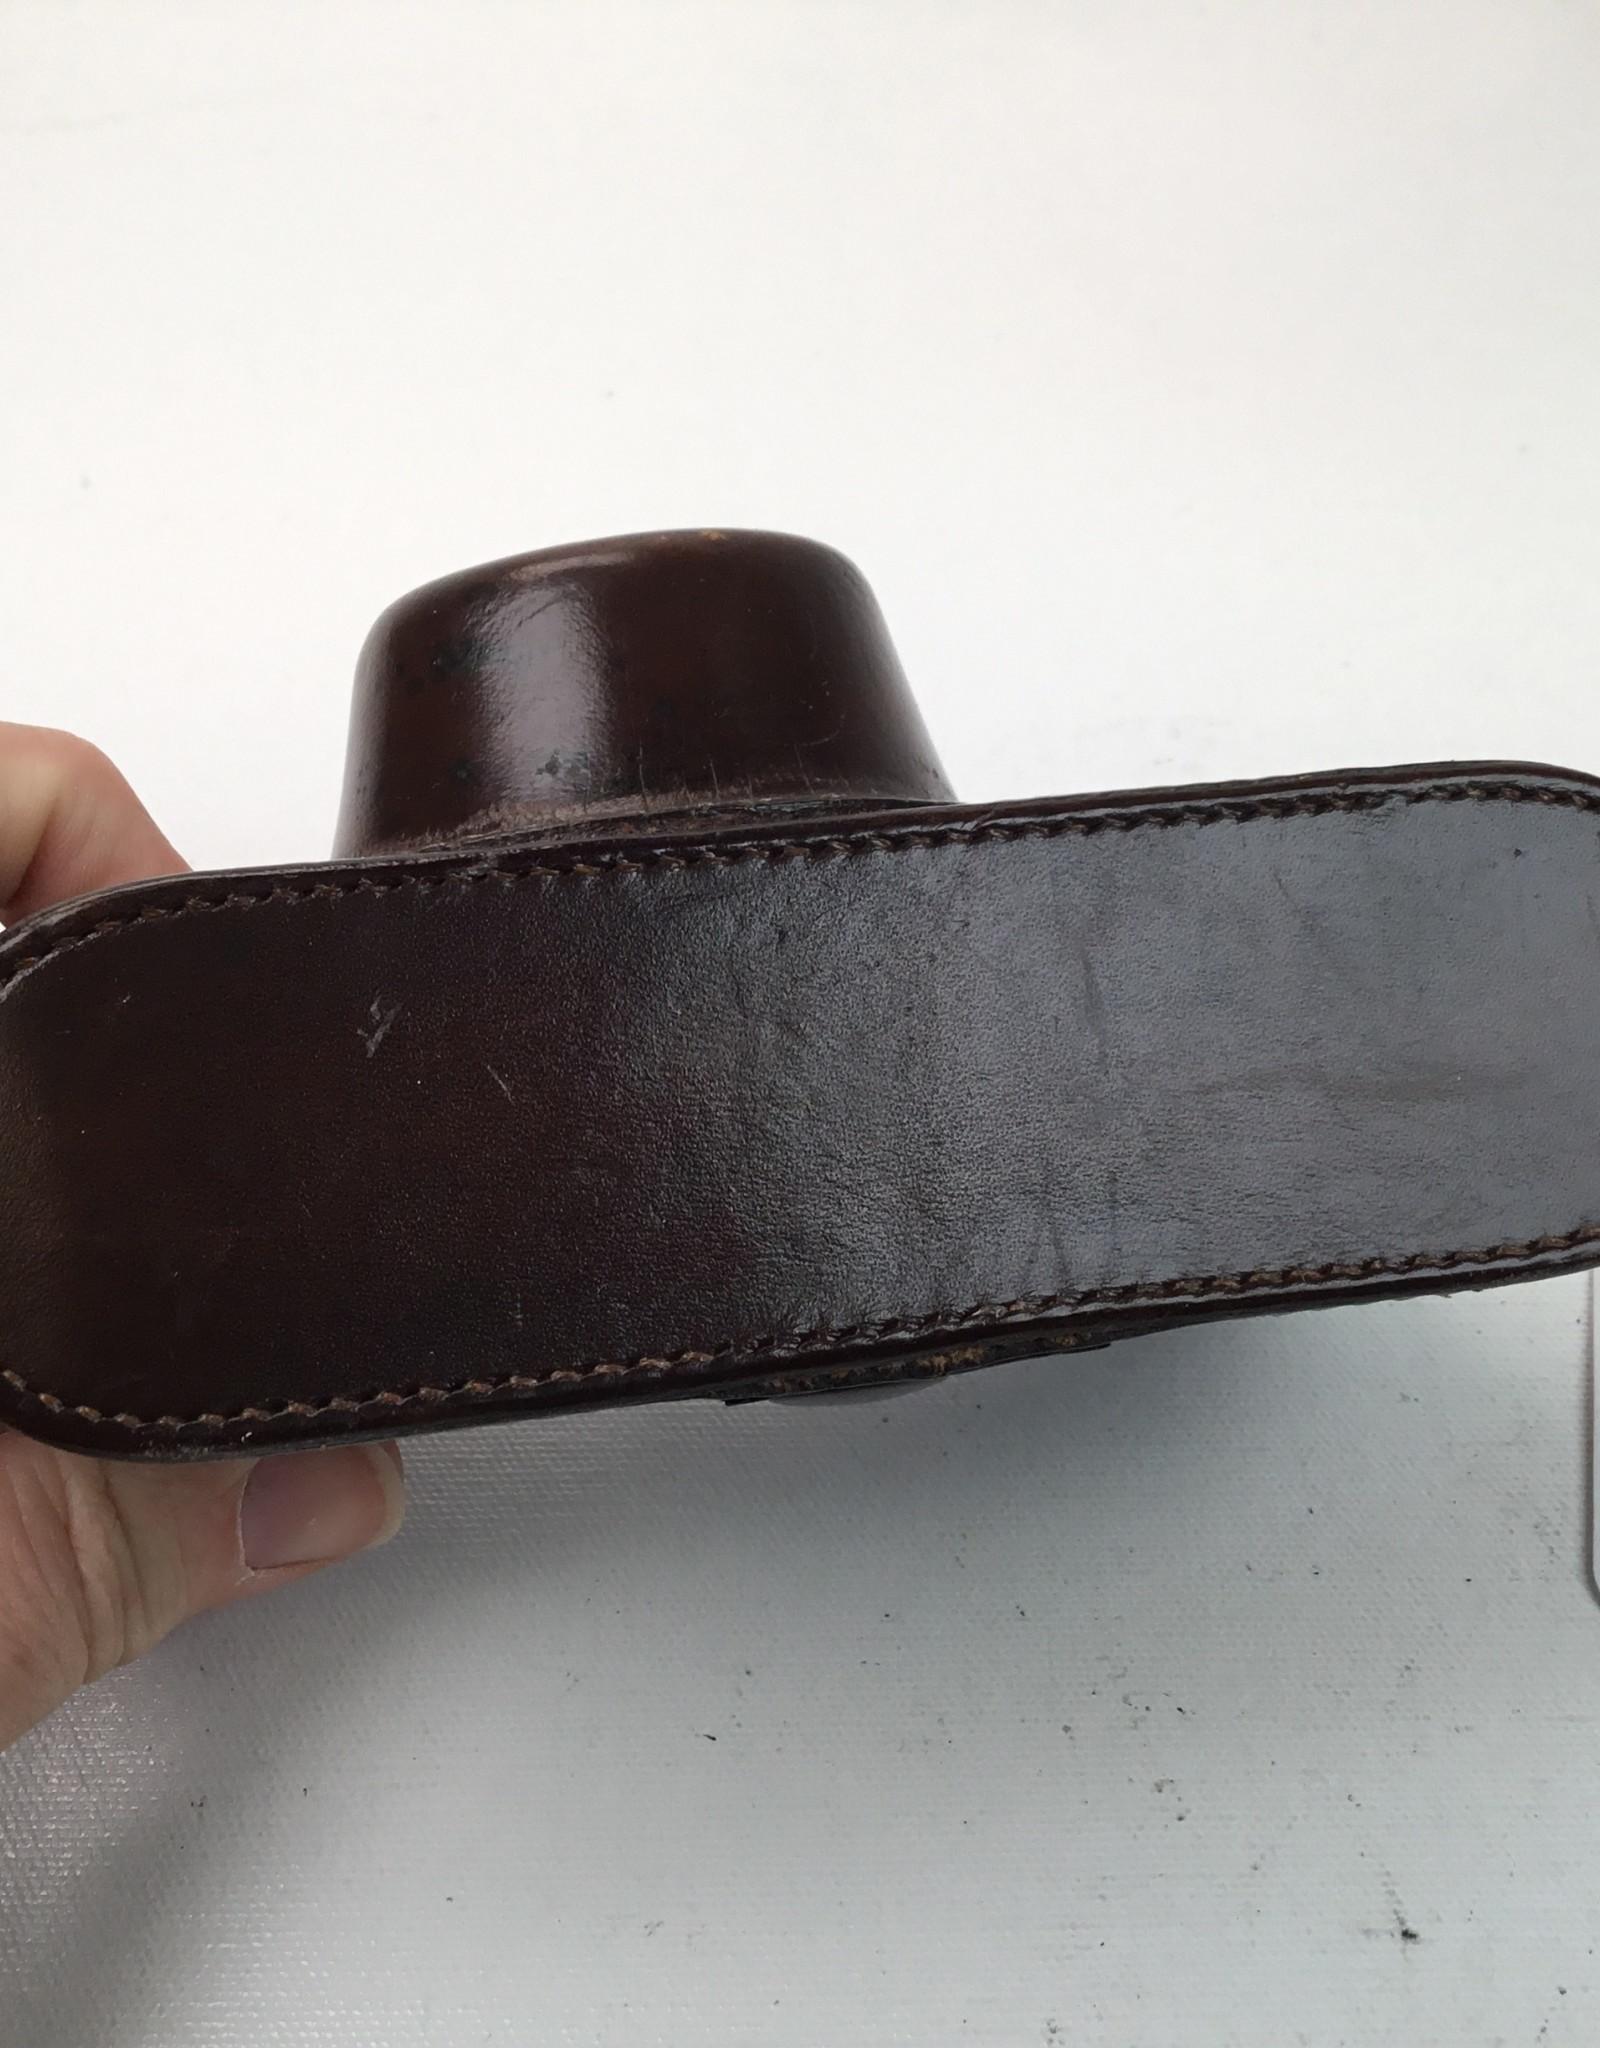 Leica Leica Leather Case for III, IIIa, IIIc, IIIf used EX-